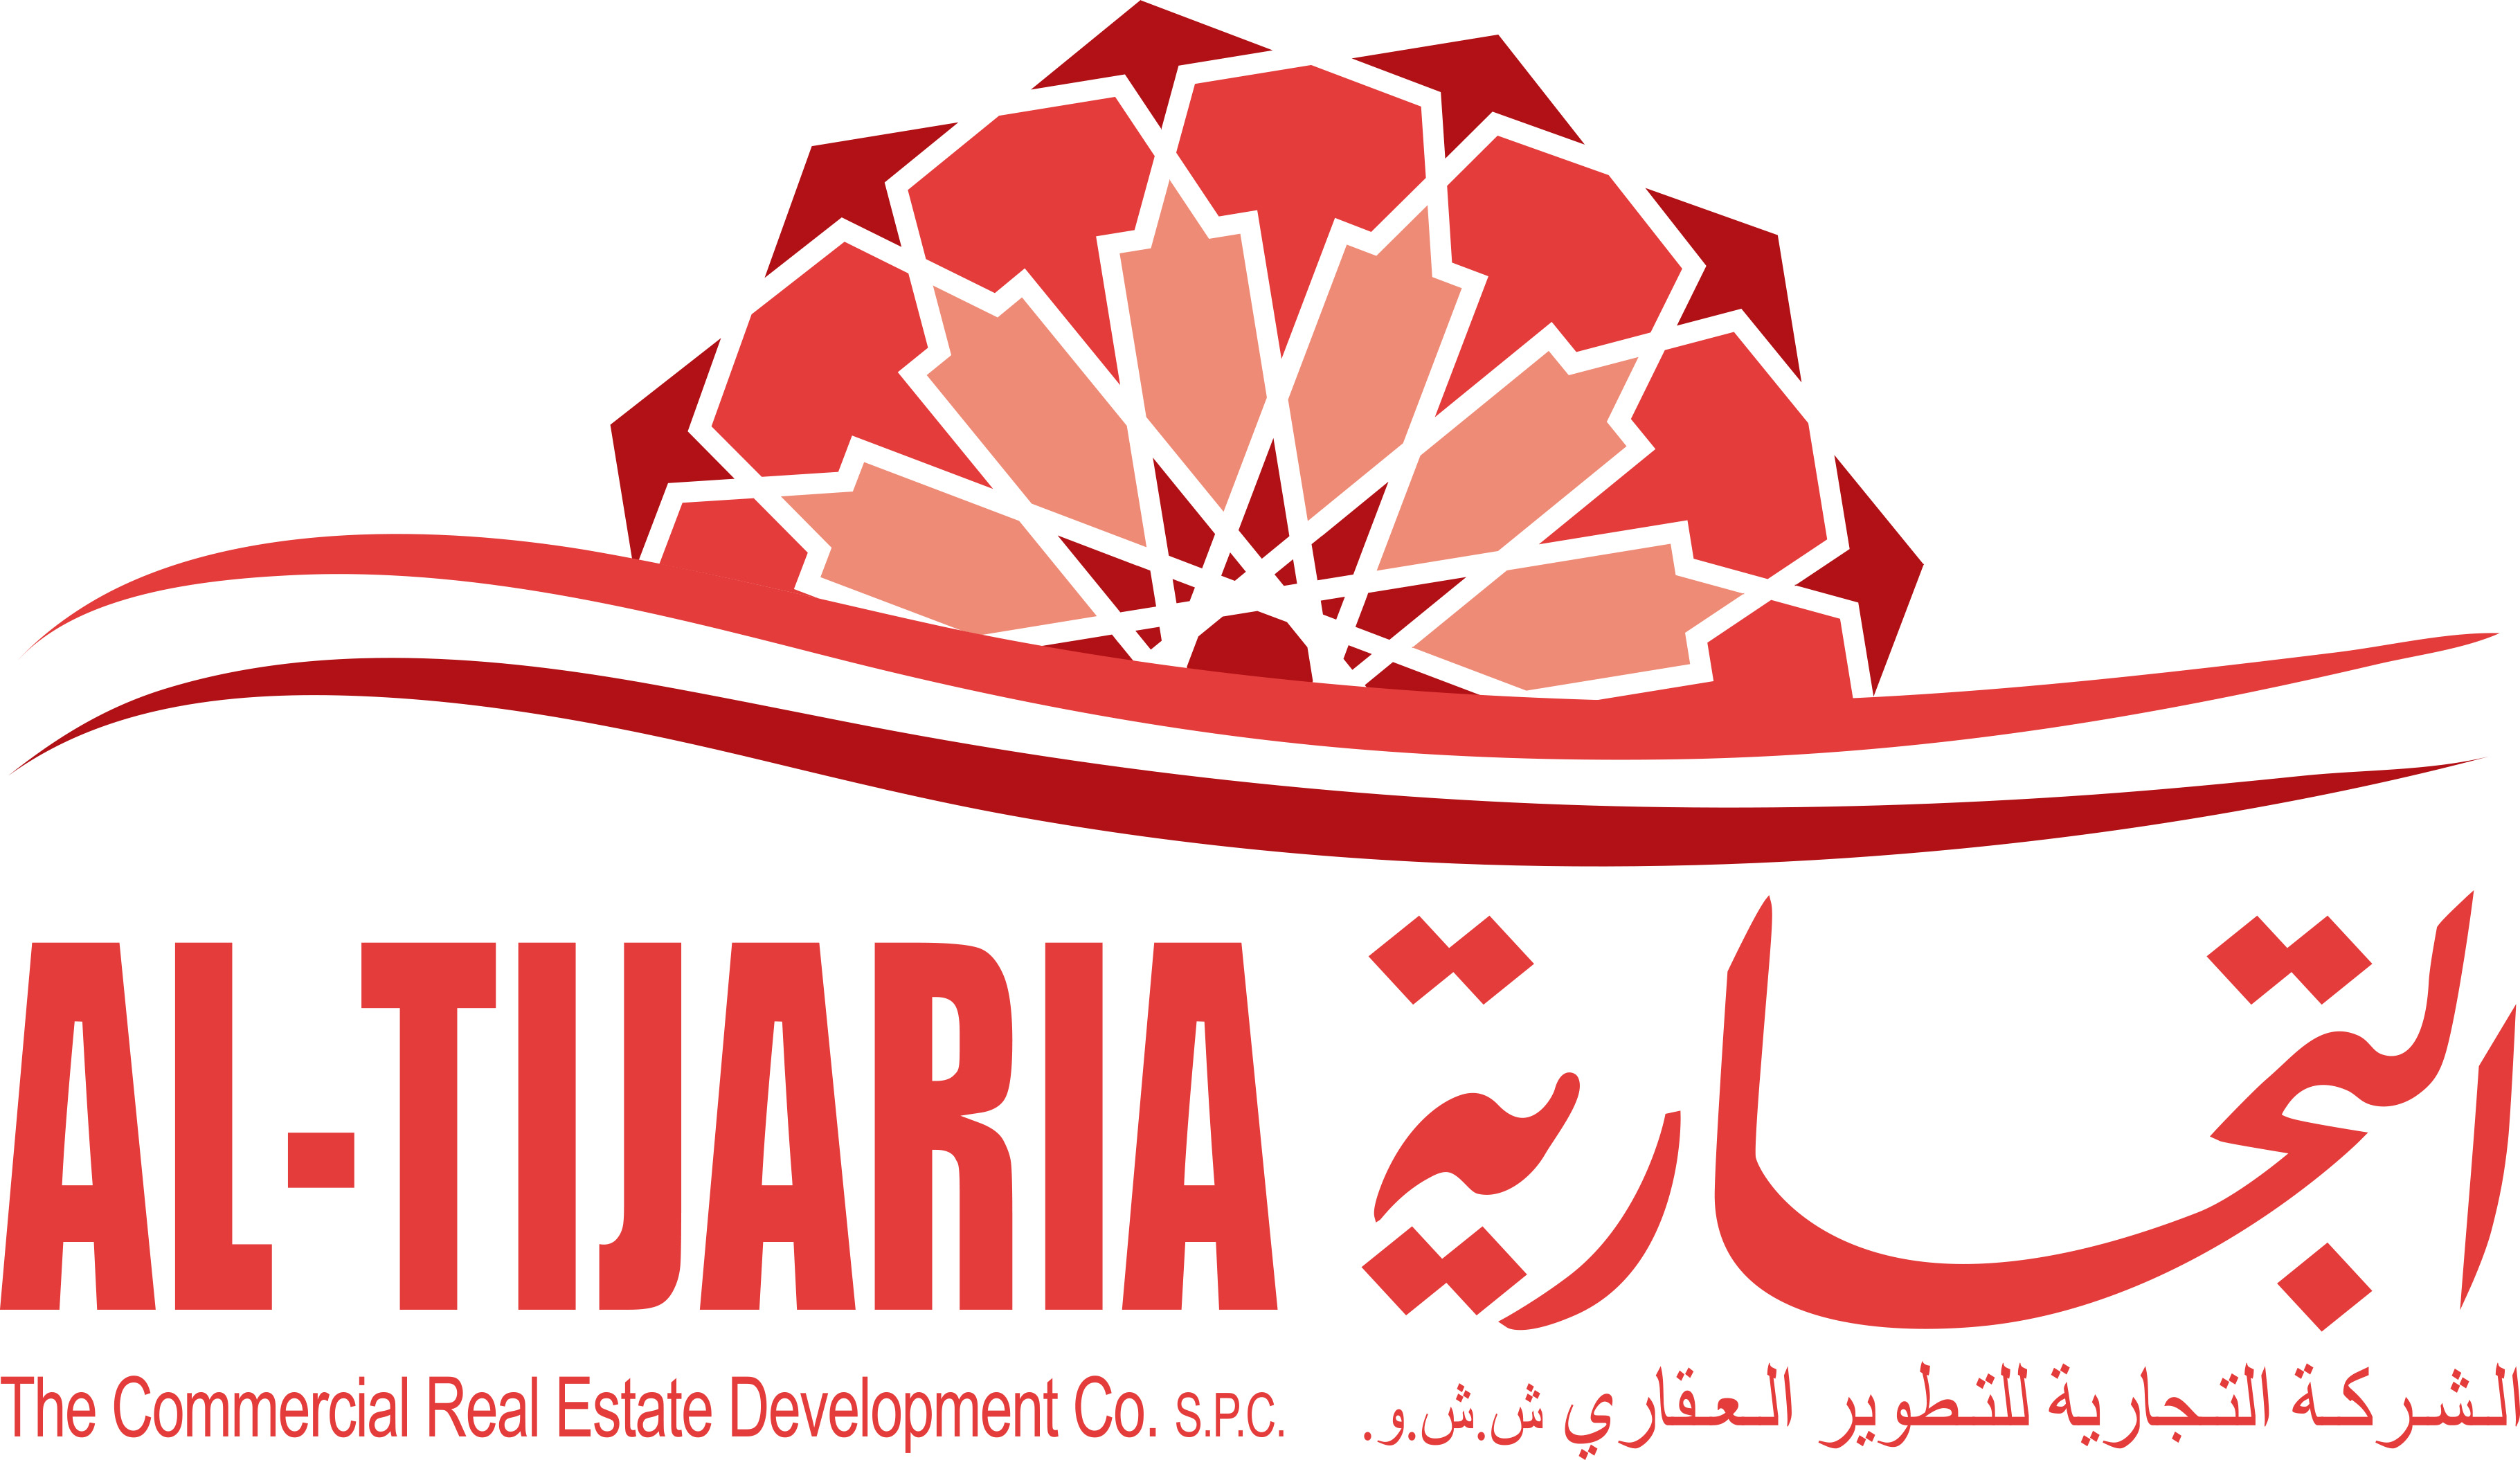 Al Tijaria